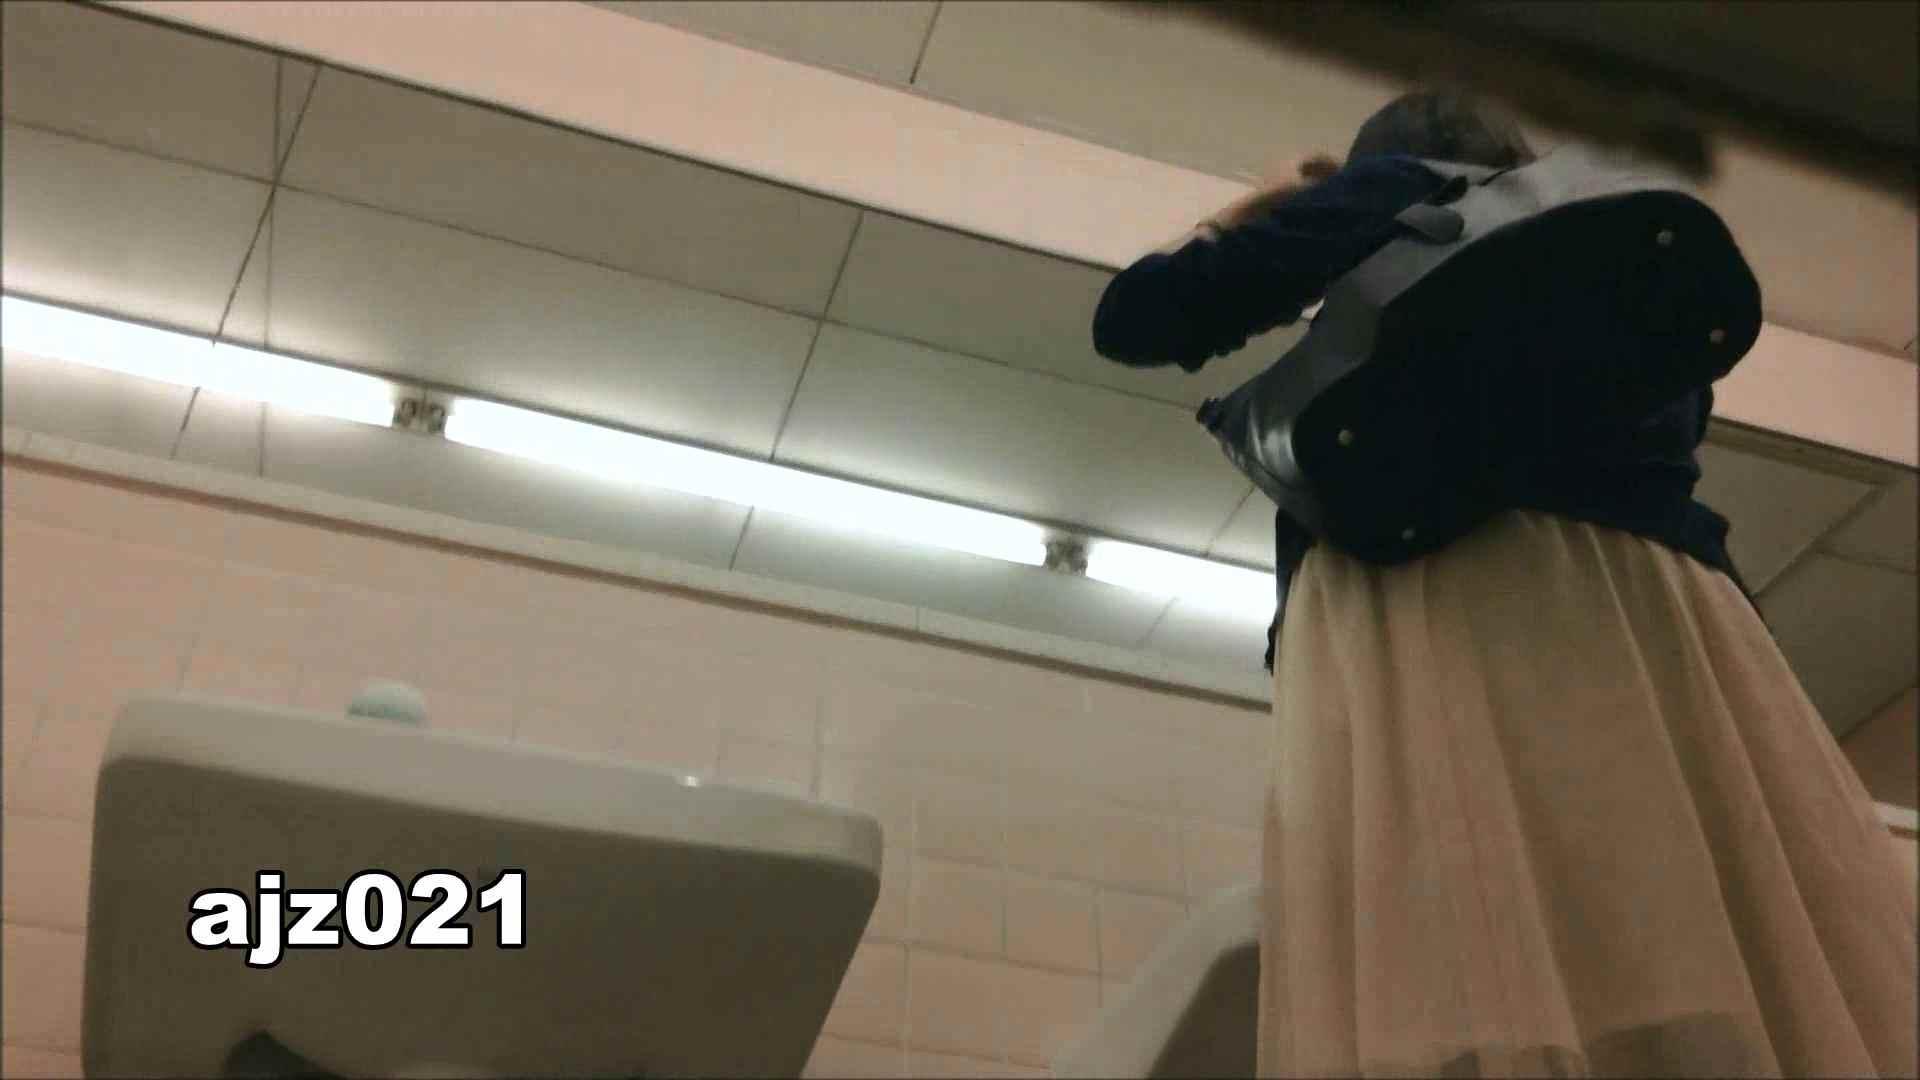 某有名大学女性洗面所 vol.21 潜入 SEX無修正画像 54pic 16